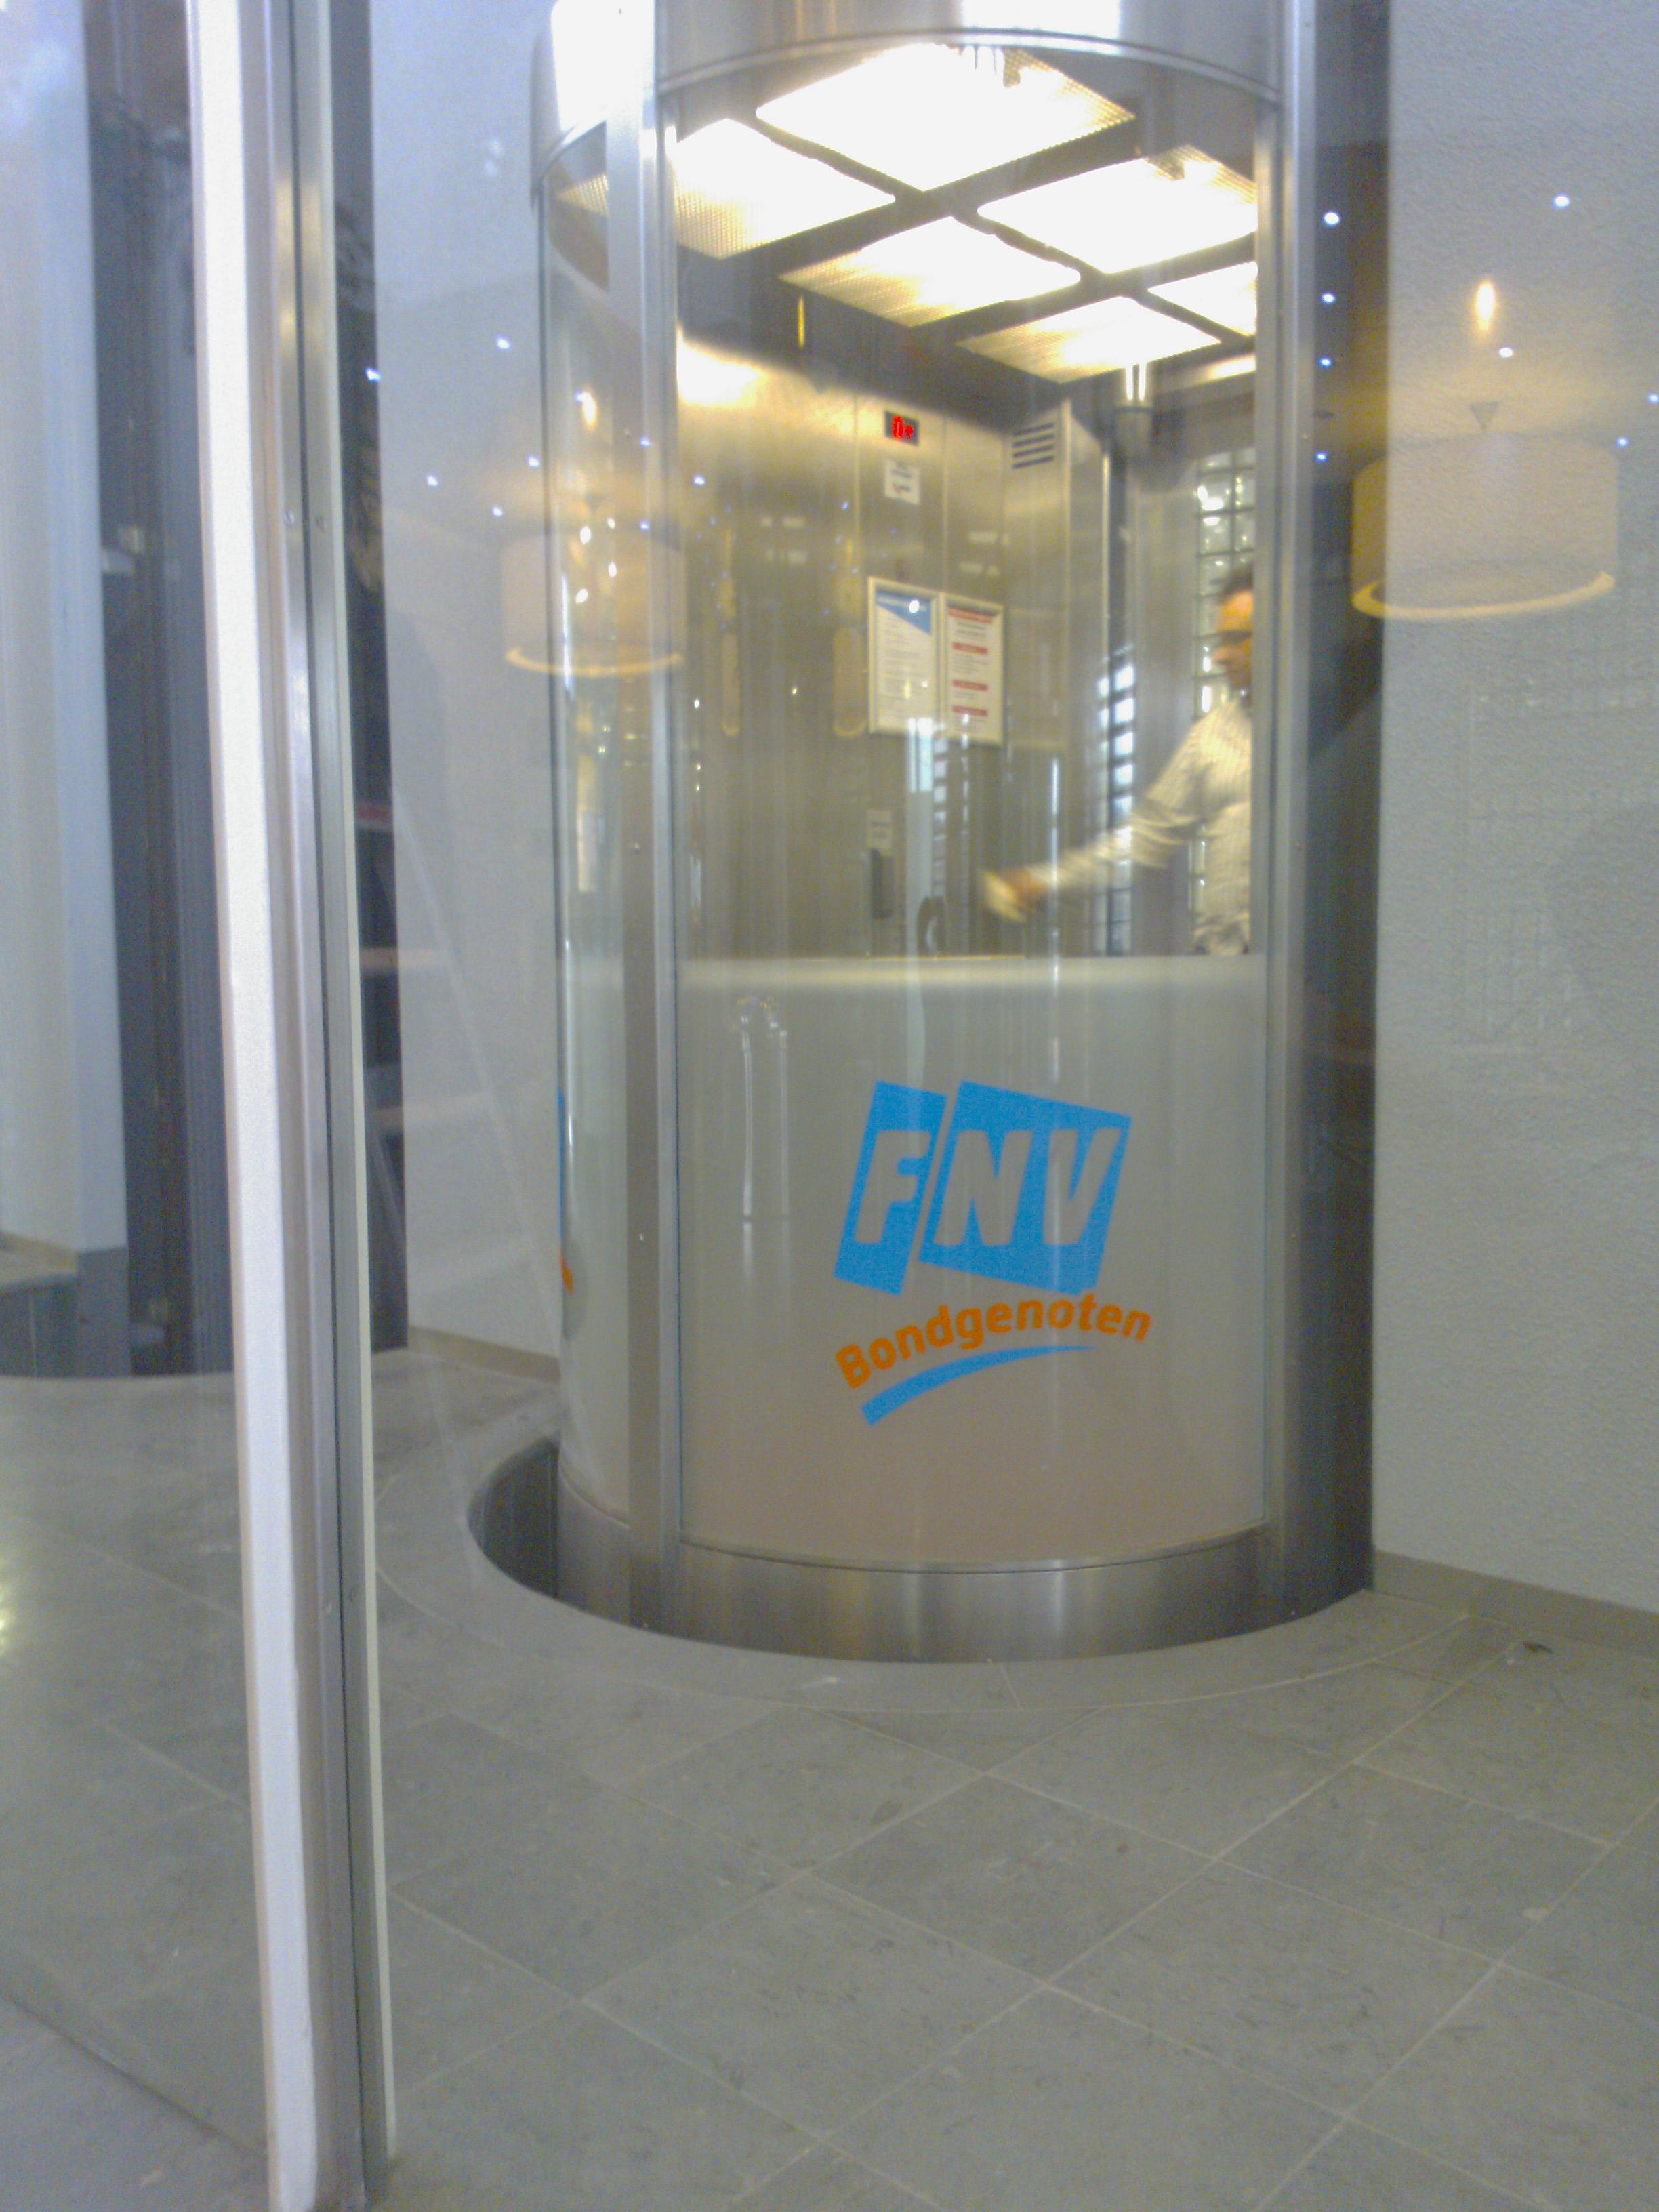 FNV lift